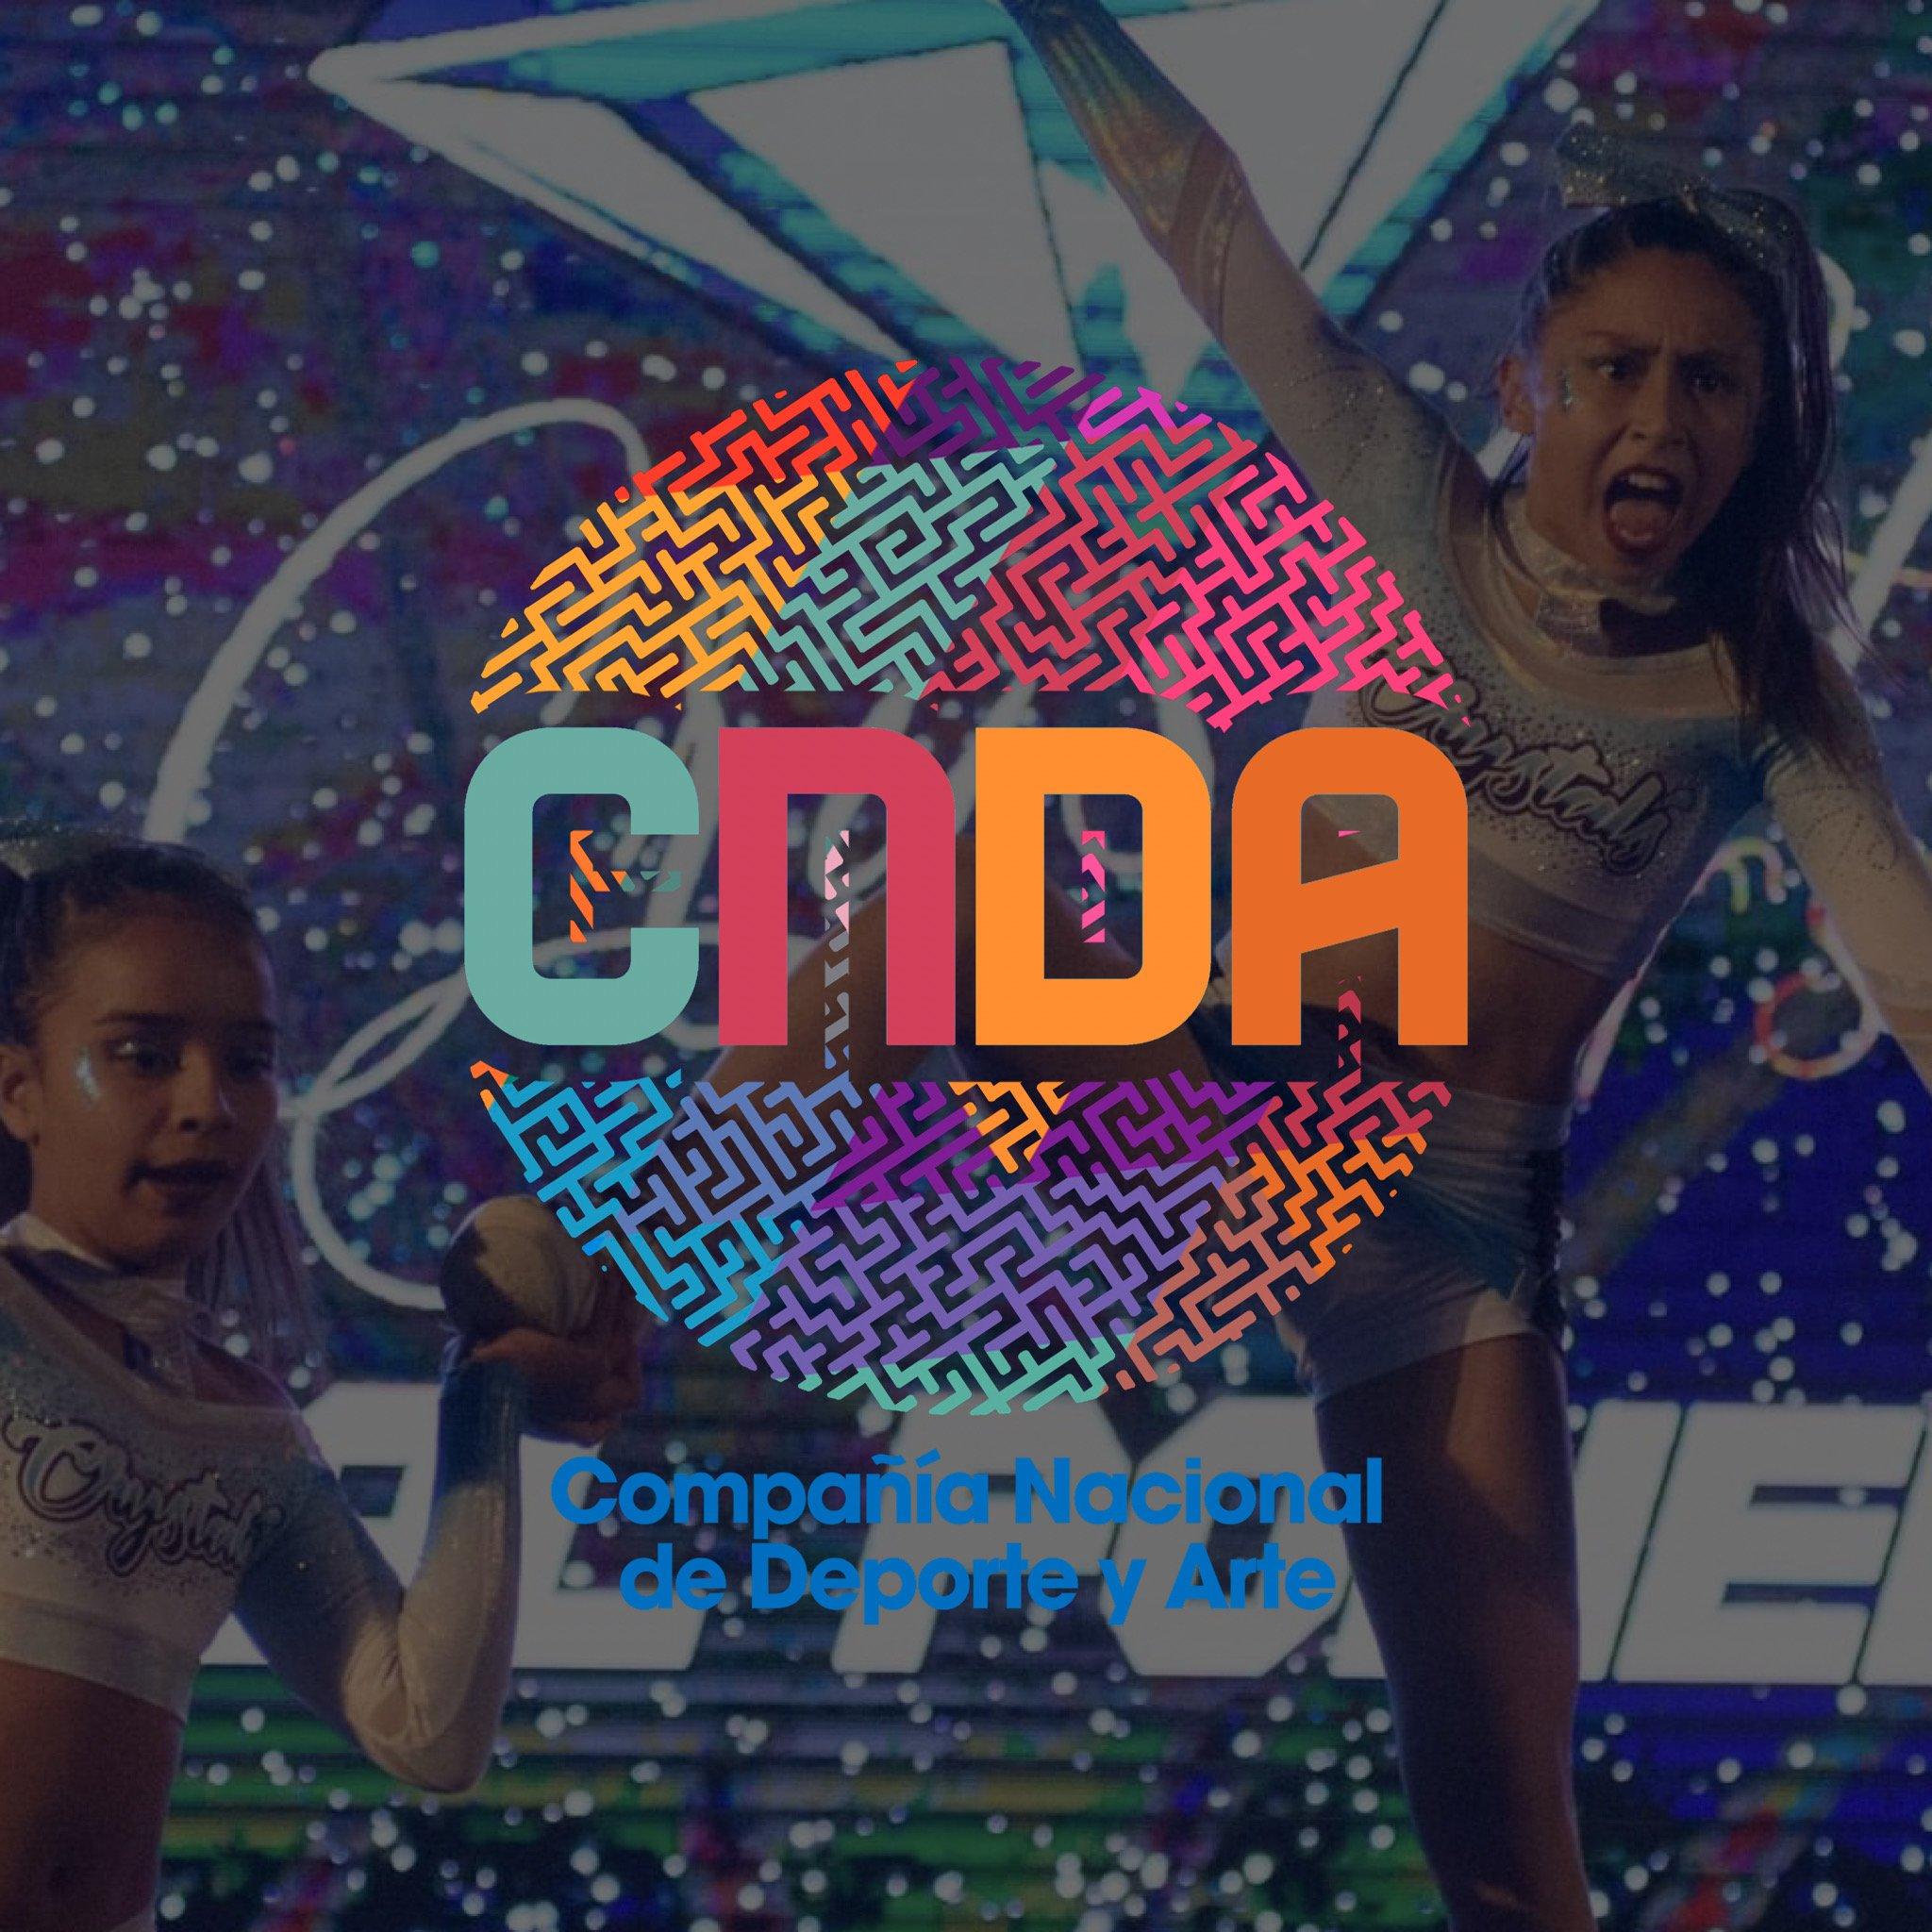 CNDA - Compañía Nacíonal de Deporte y Arte